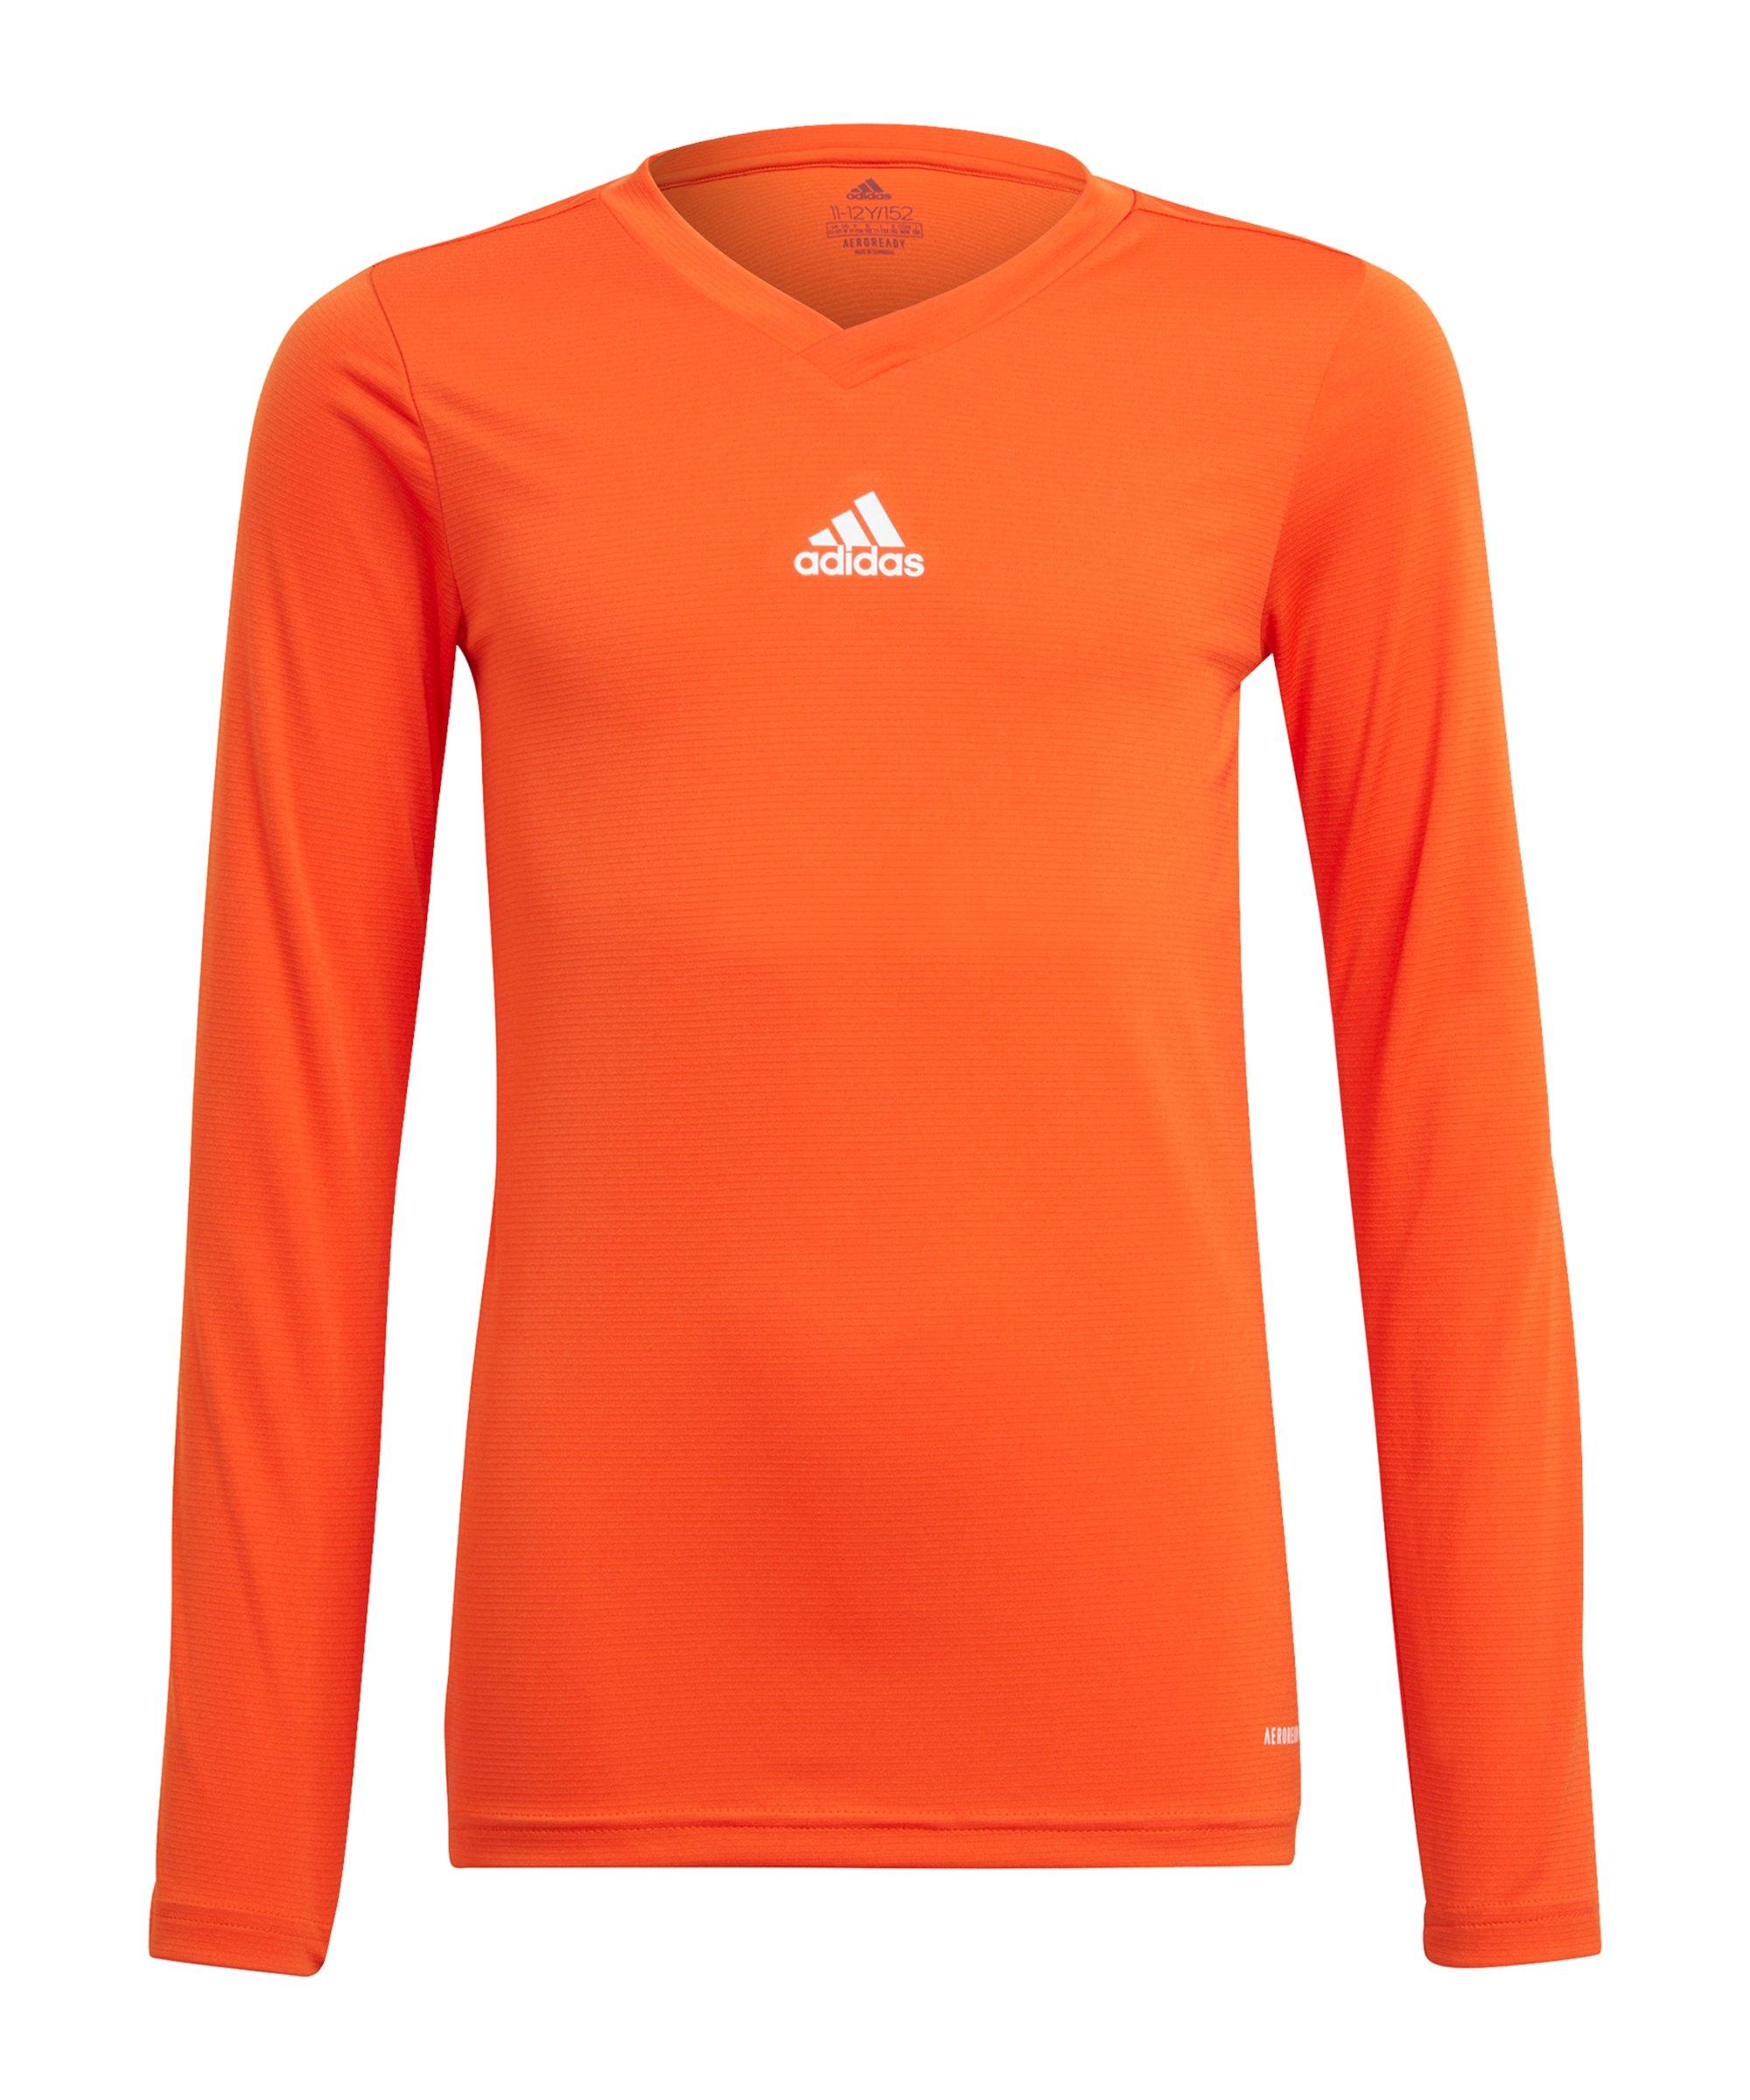 adidas Team Base Top langarm Kids Orange - orange